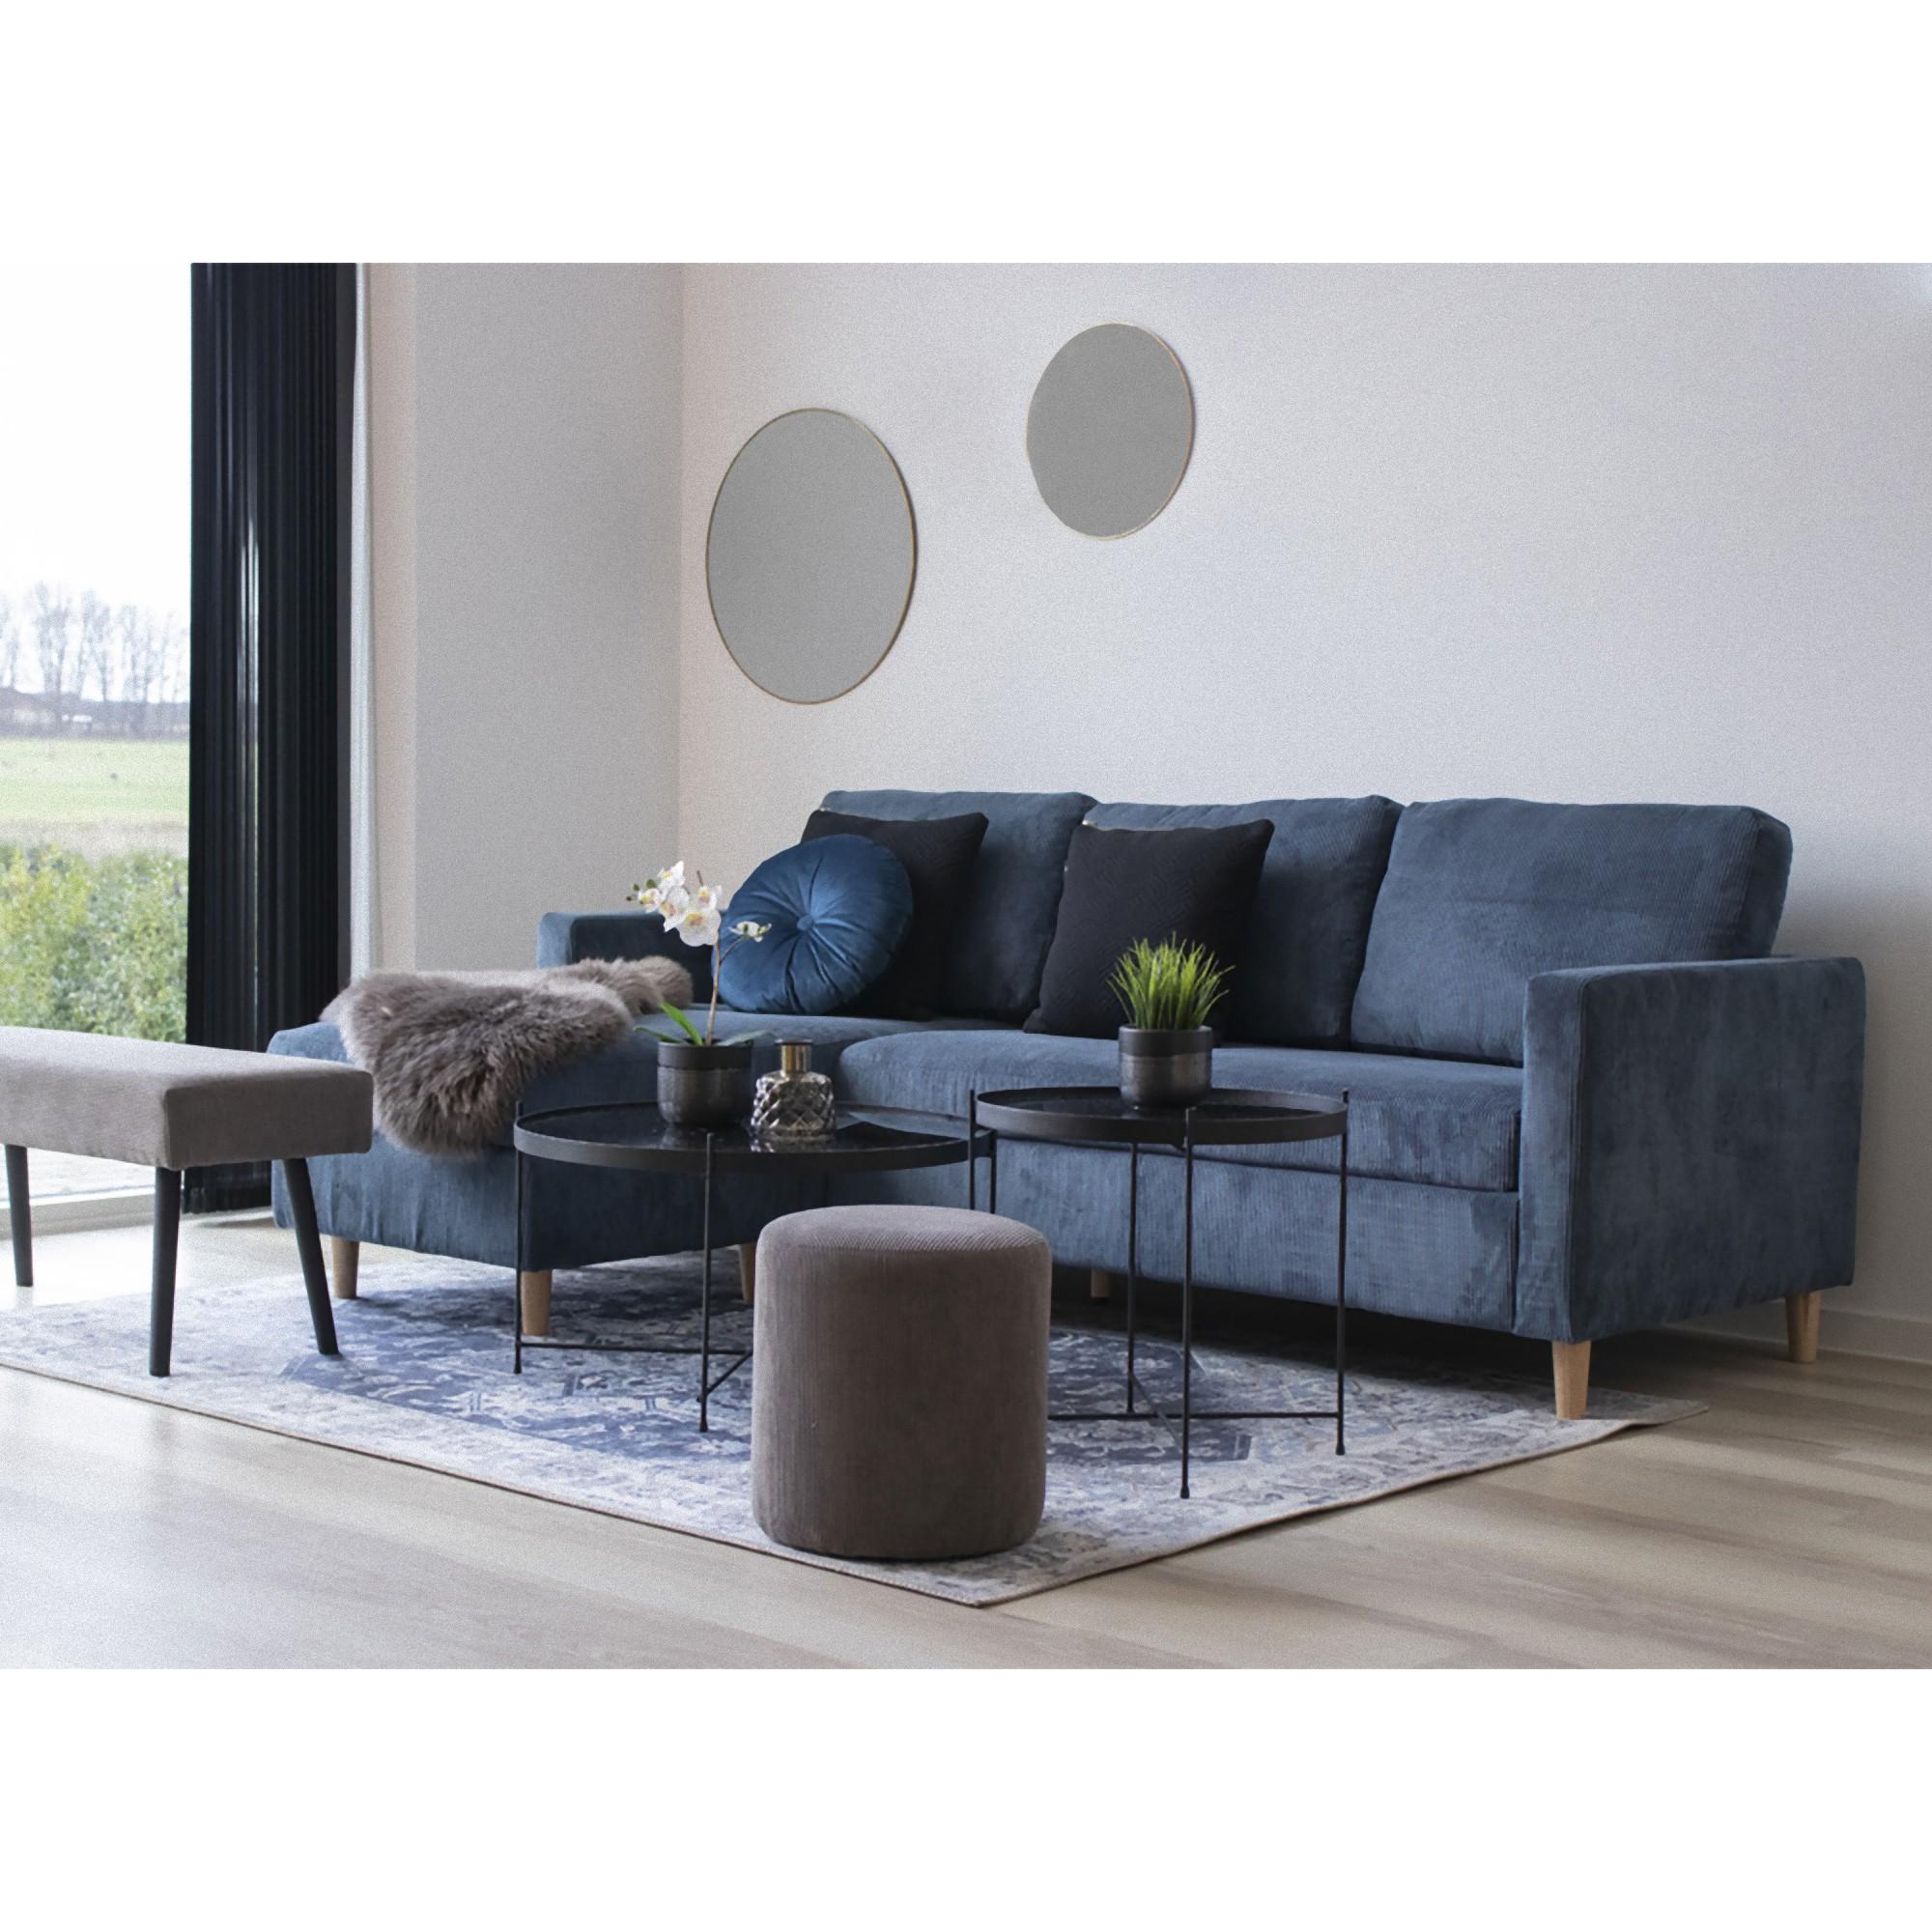 Full Size of Sofa Blau Mars Couch Garnitur Polstersofa Stoffrosa Lounge Weiches Recamiere Eck Esstisch überzug Zweisitzer Hussen Ohne Lehne Günstige Modernes Rotes Sofa Sofa Blau